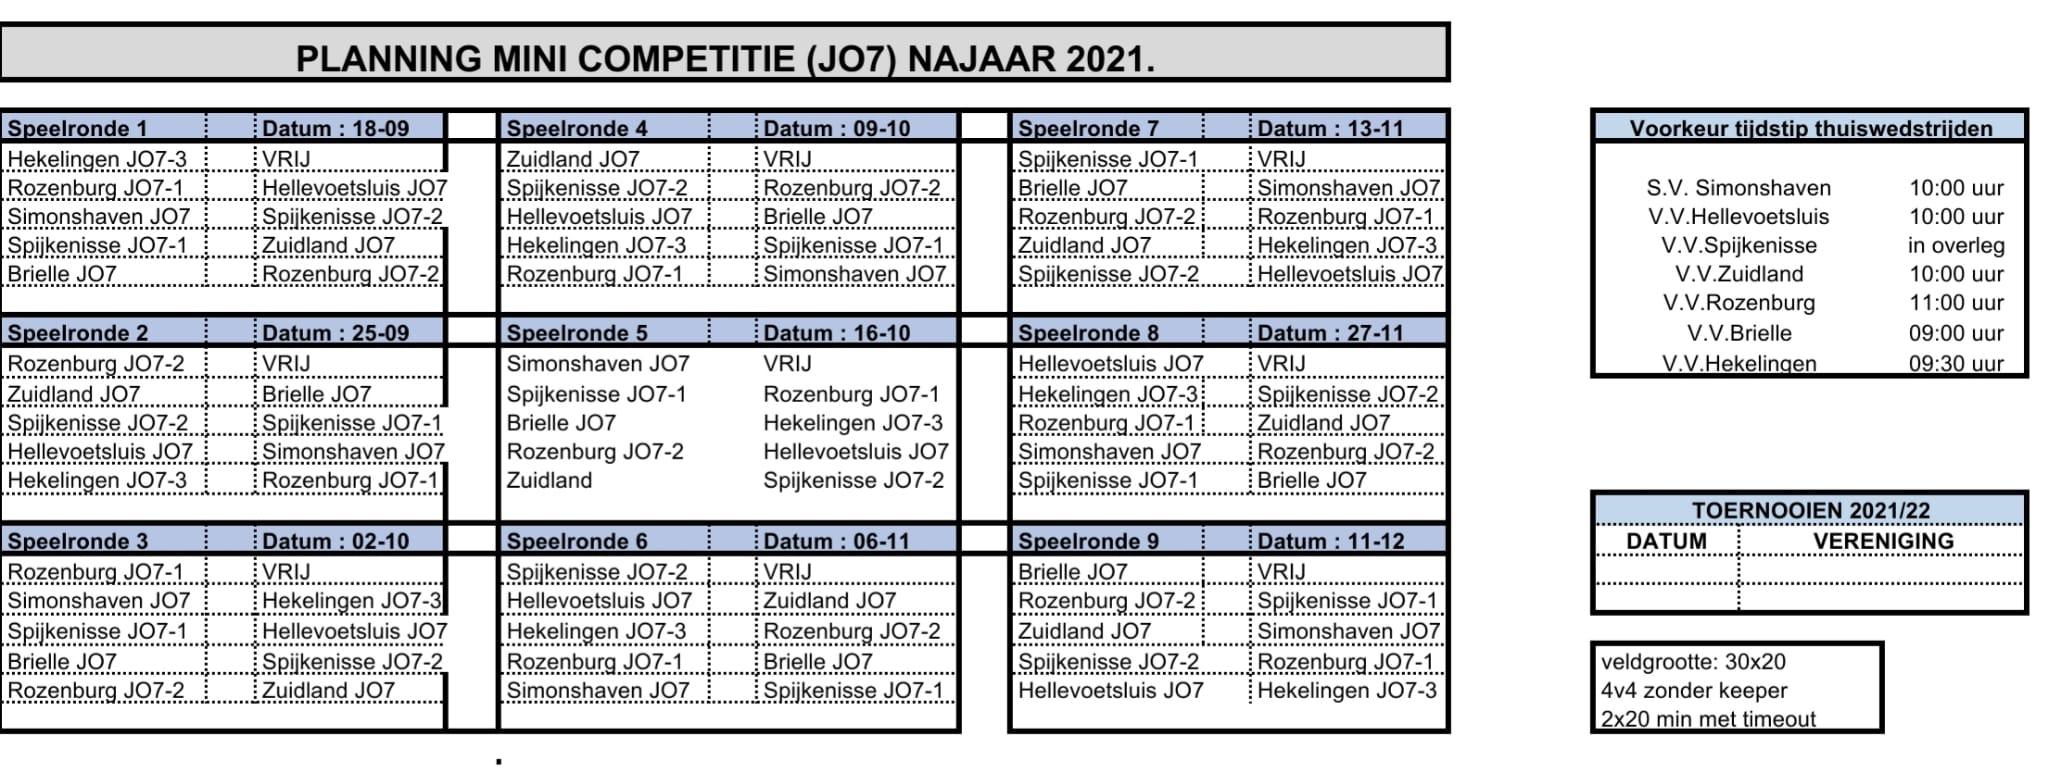 Start Minicompetitie (JO7) vv Rozenburg - overzicht wedstrijden